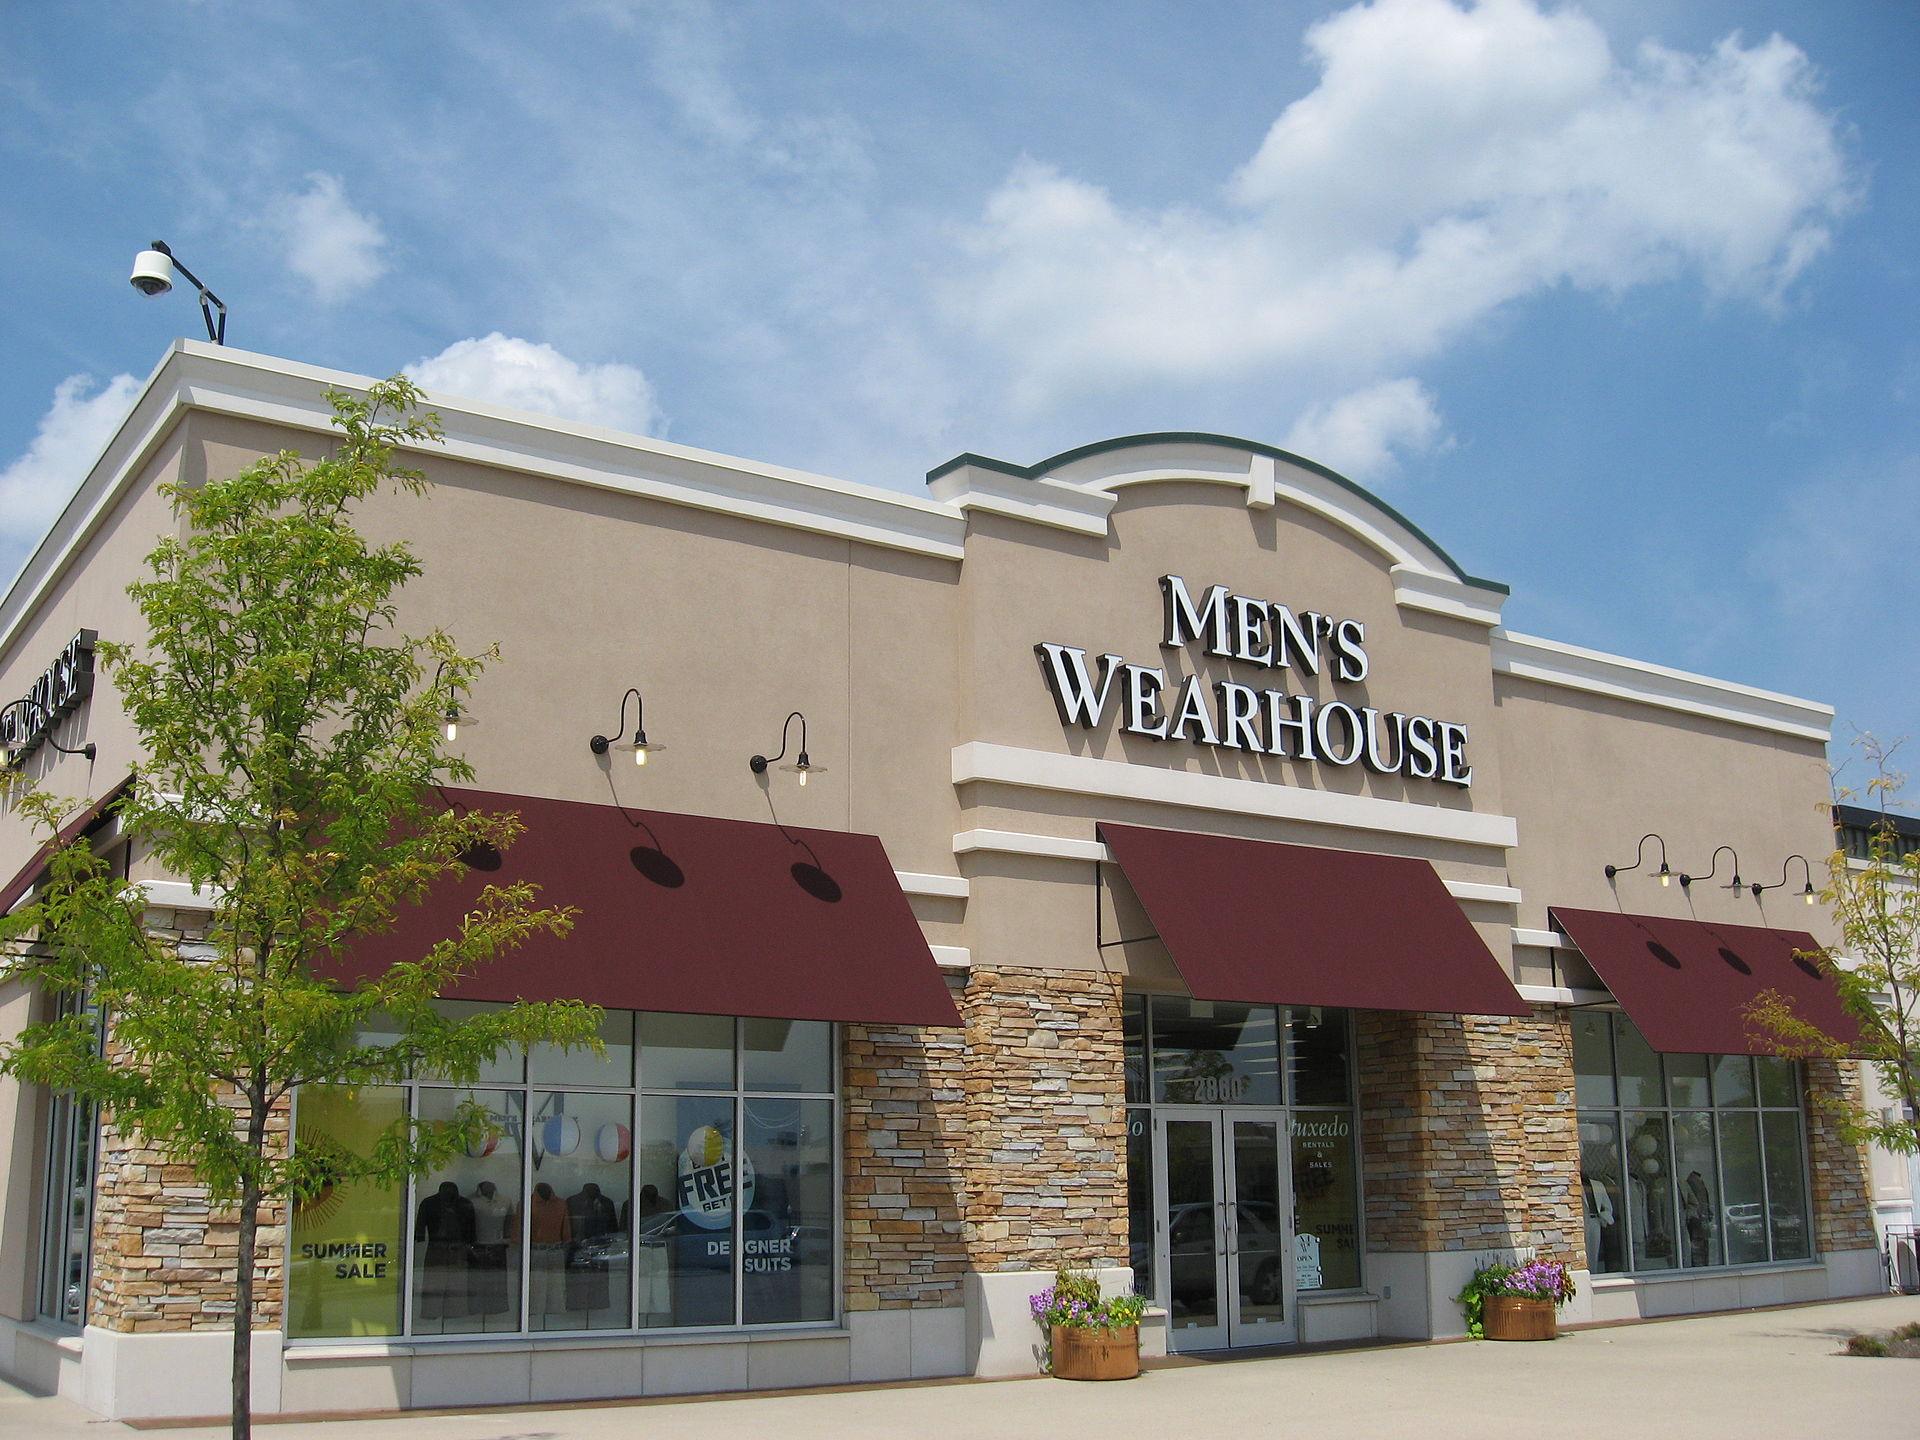 Men's Wearhouse in Miamisburg, Ohio